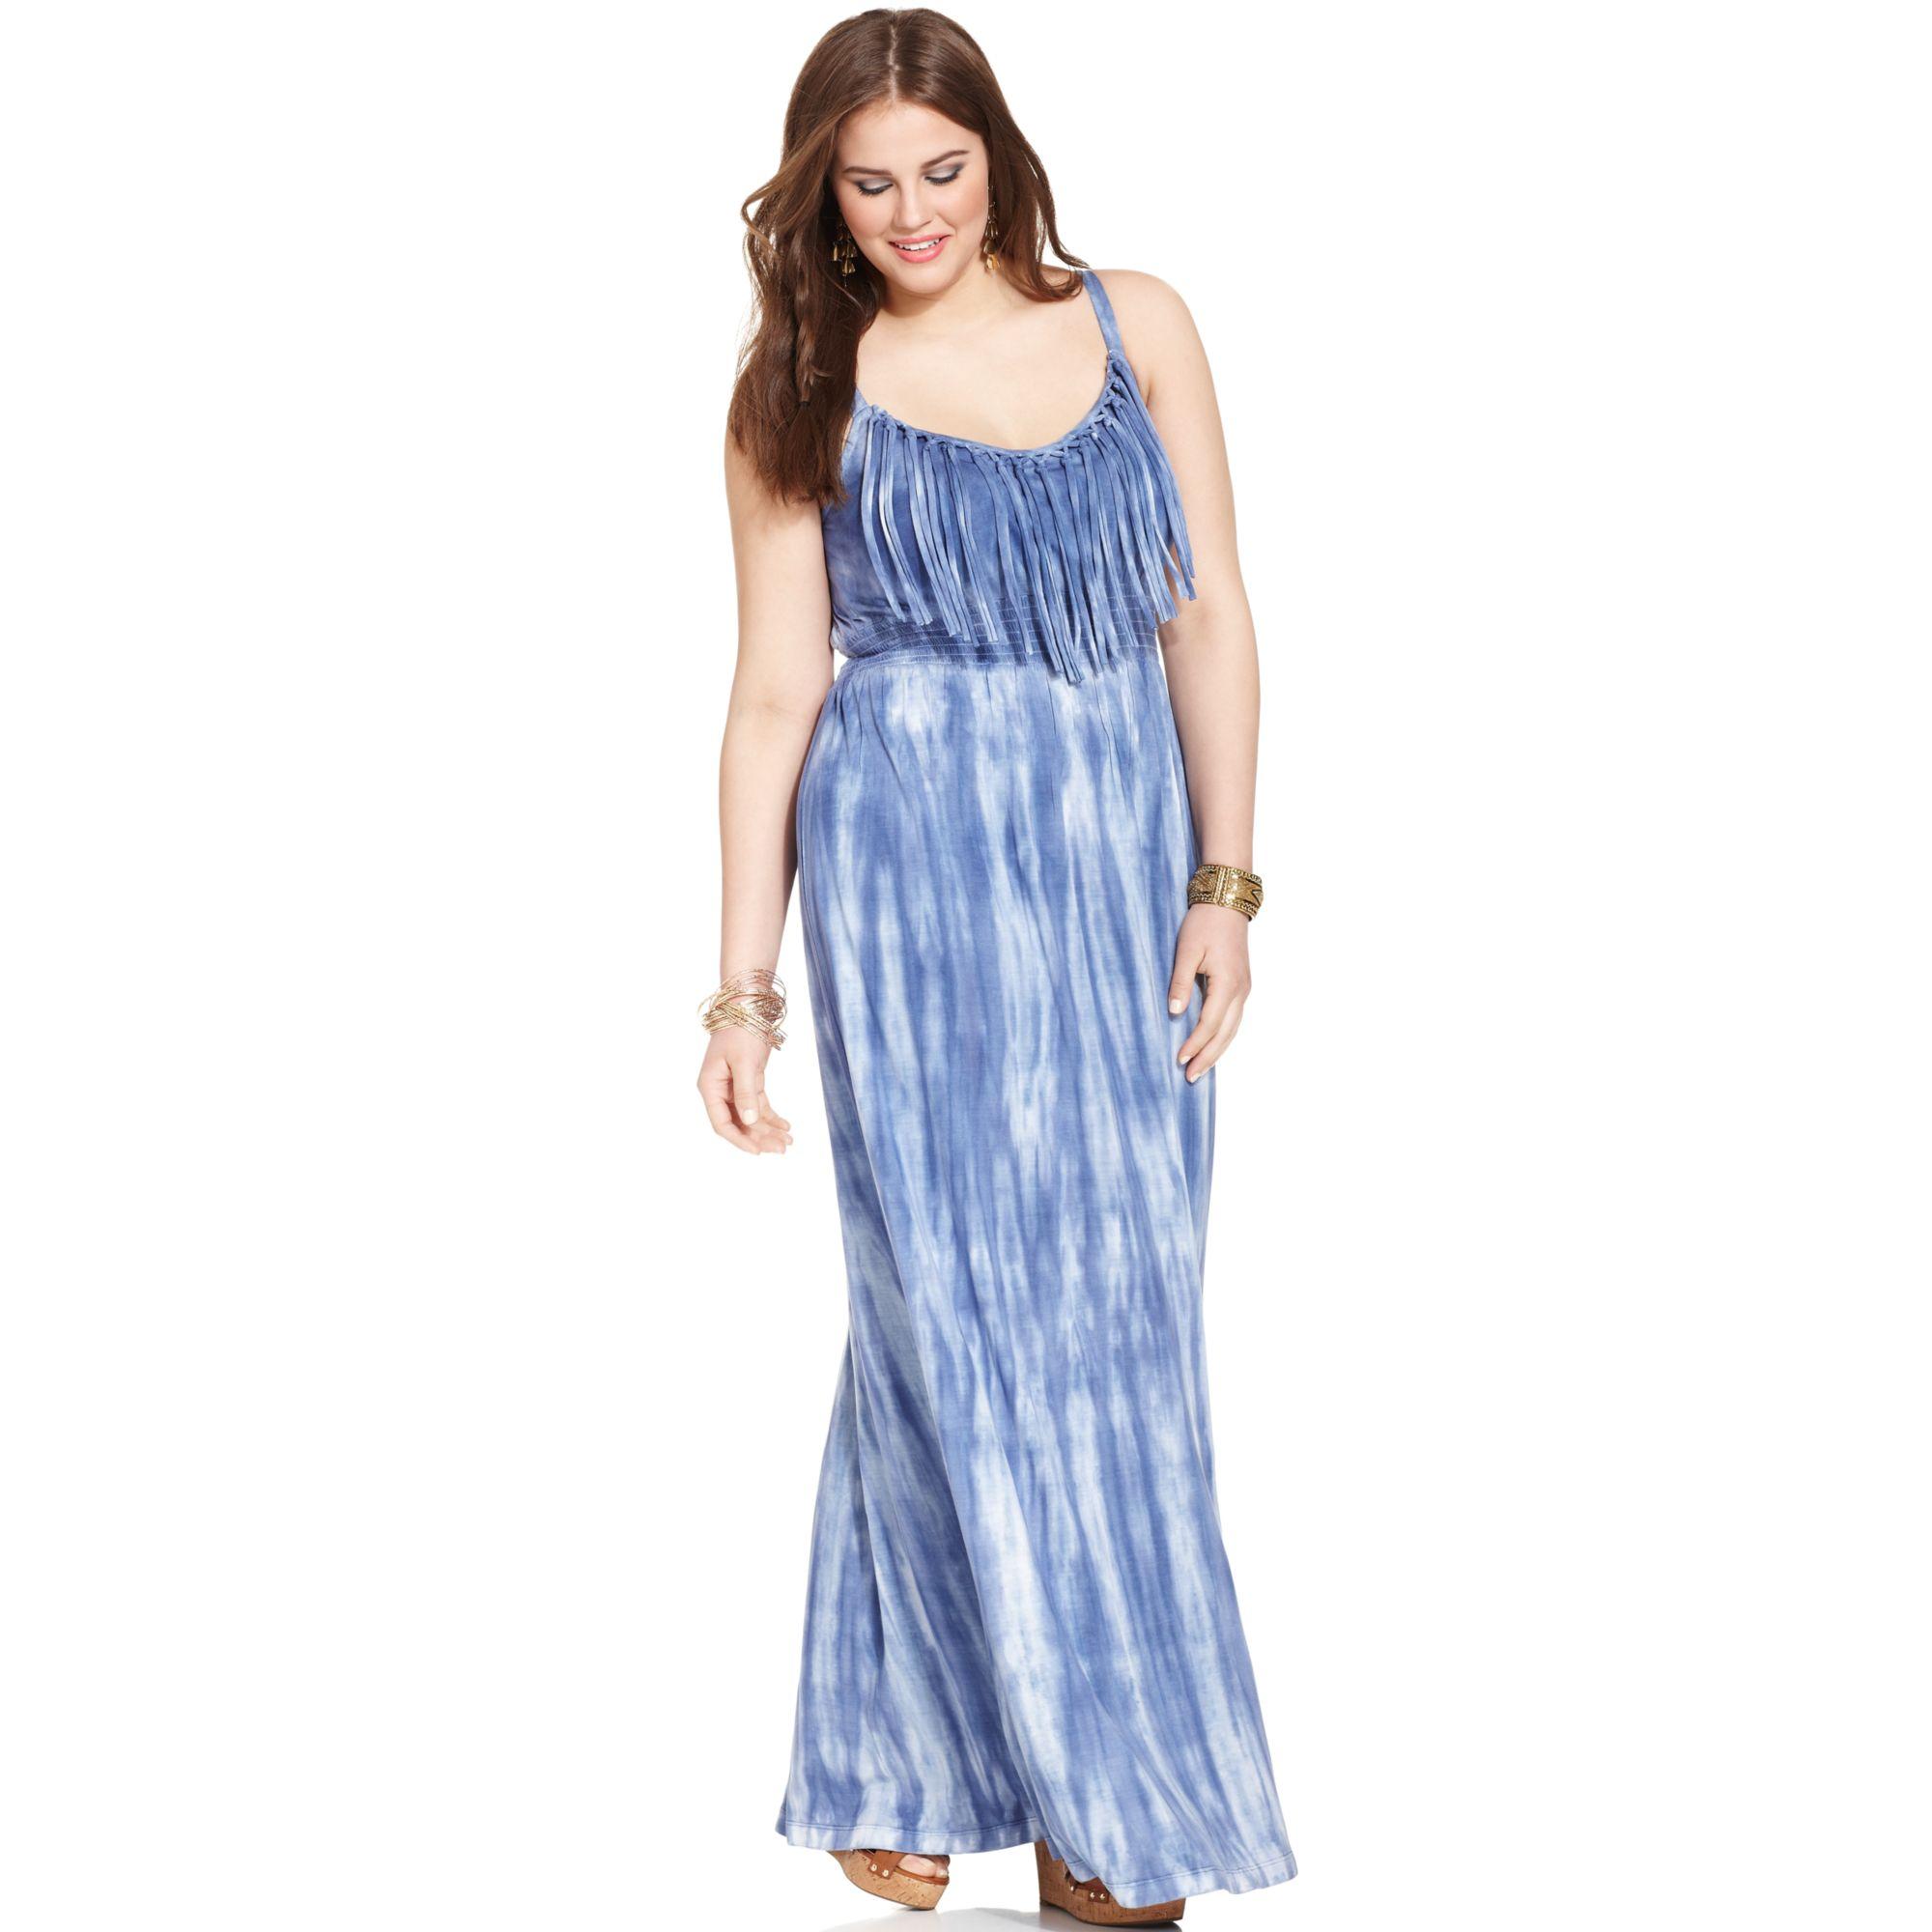 Plus Size Tie Dye Maxi Dress – Fashion dresses